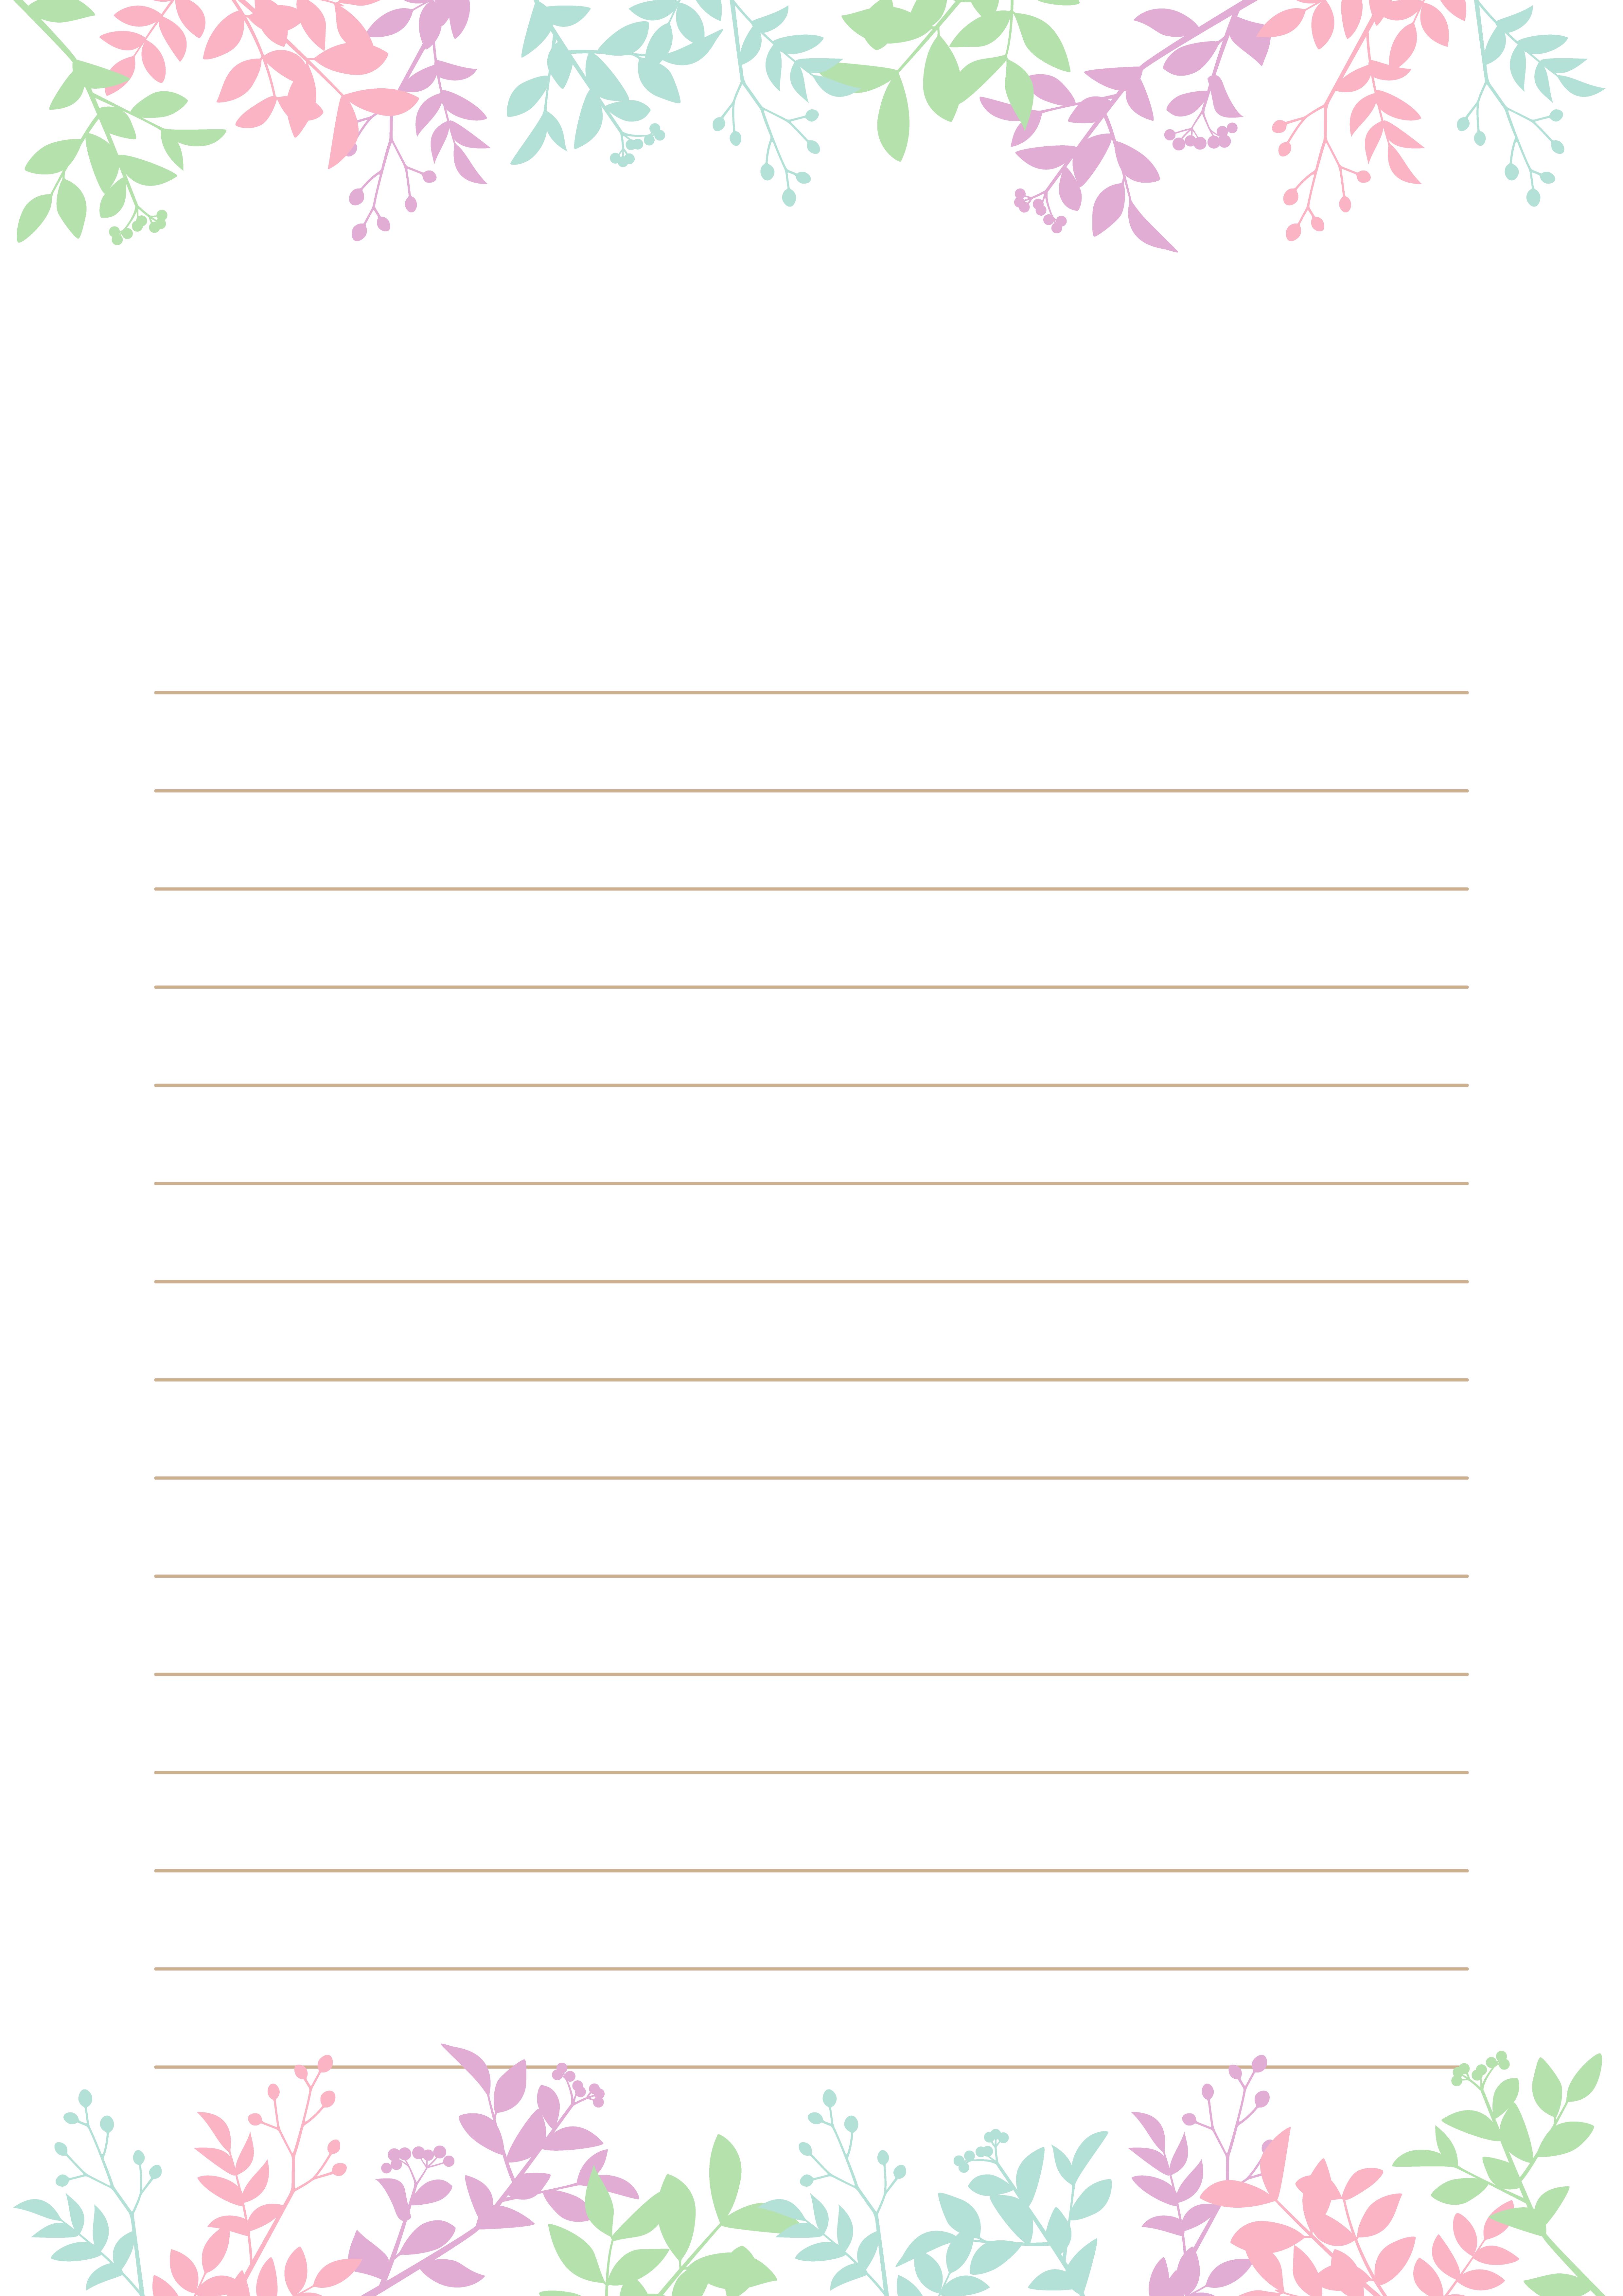 罫線入り便箋テンプレート(ボタニカルデザイン)